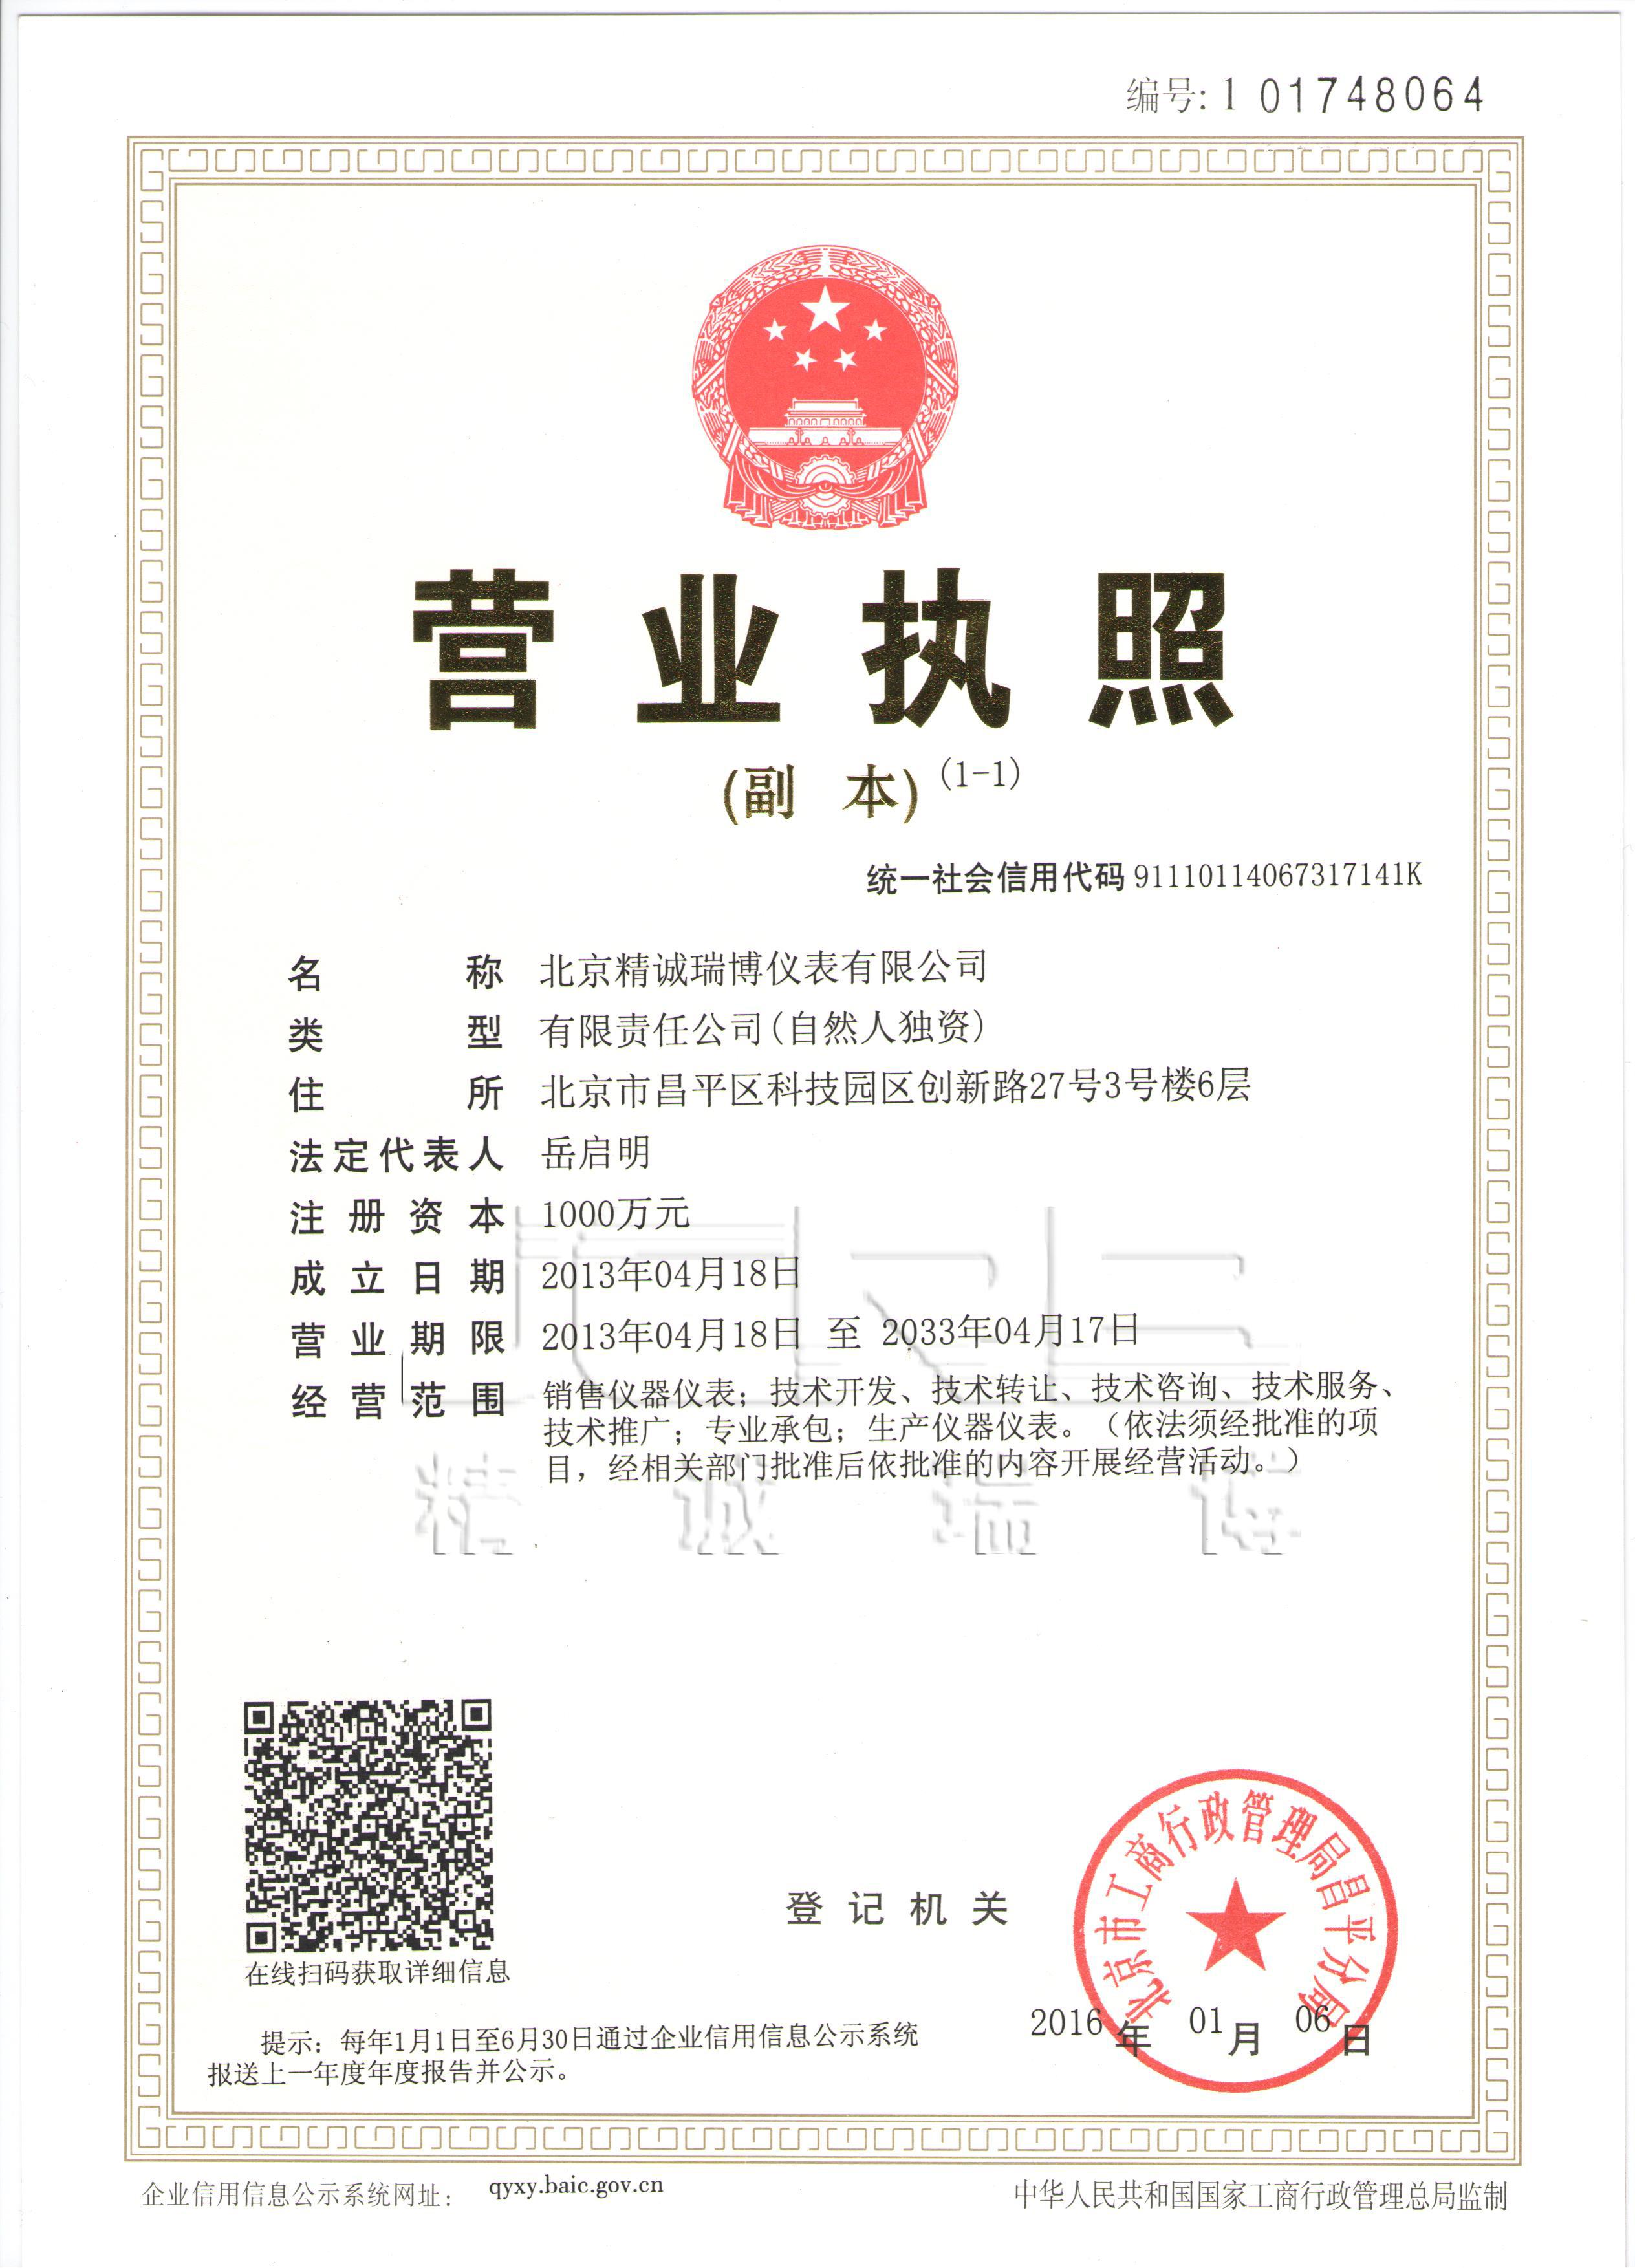 北京精诚瑞博企业资质证书大合集